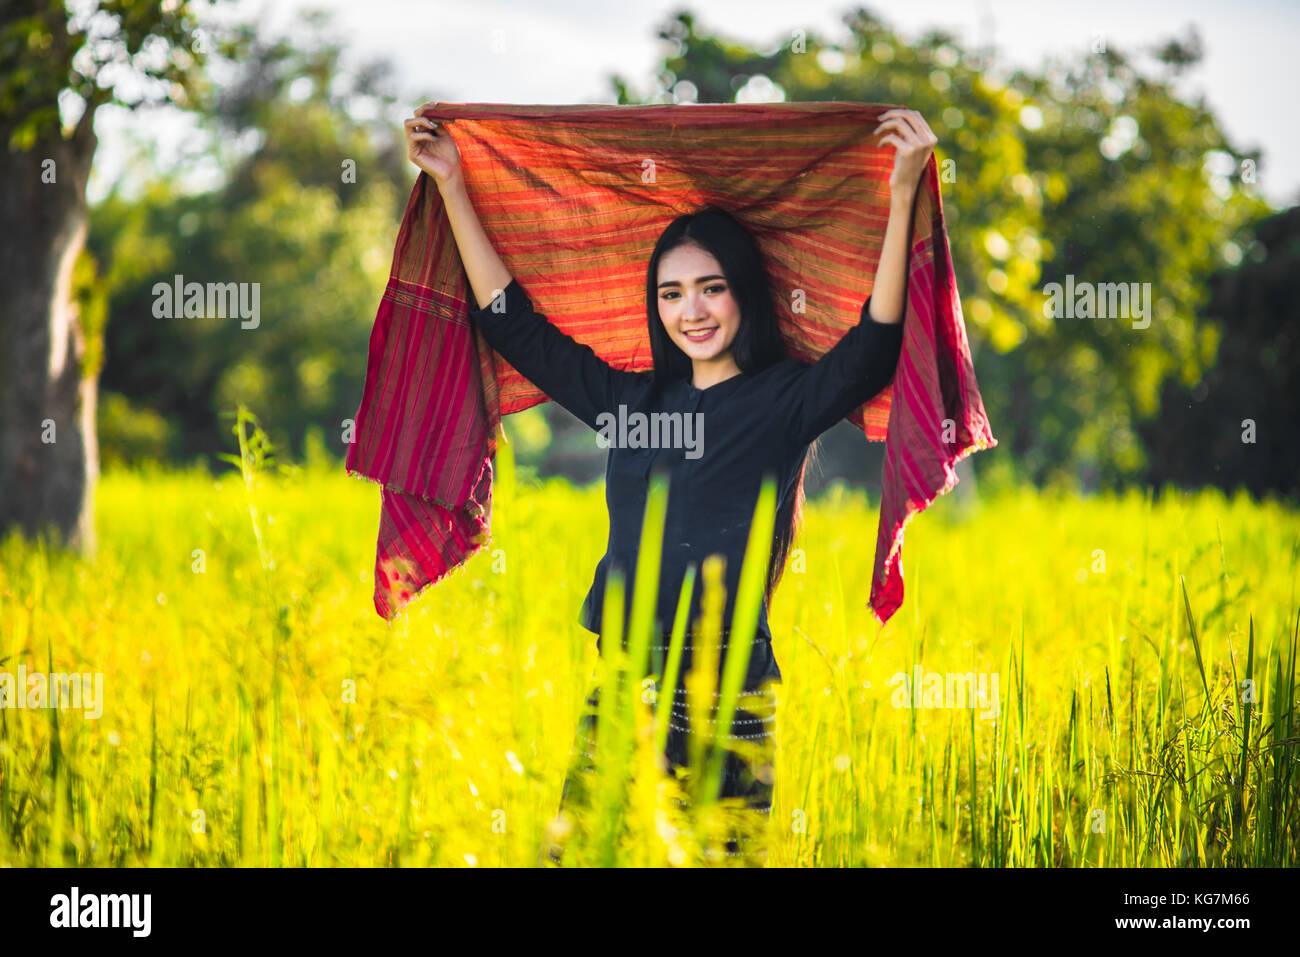 Belle jeune femme agriculteur en Thaïlande,woman smiling with sourire parfait et heureux dans la forêt. Photo Stock